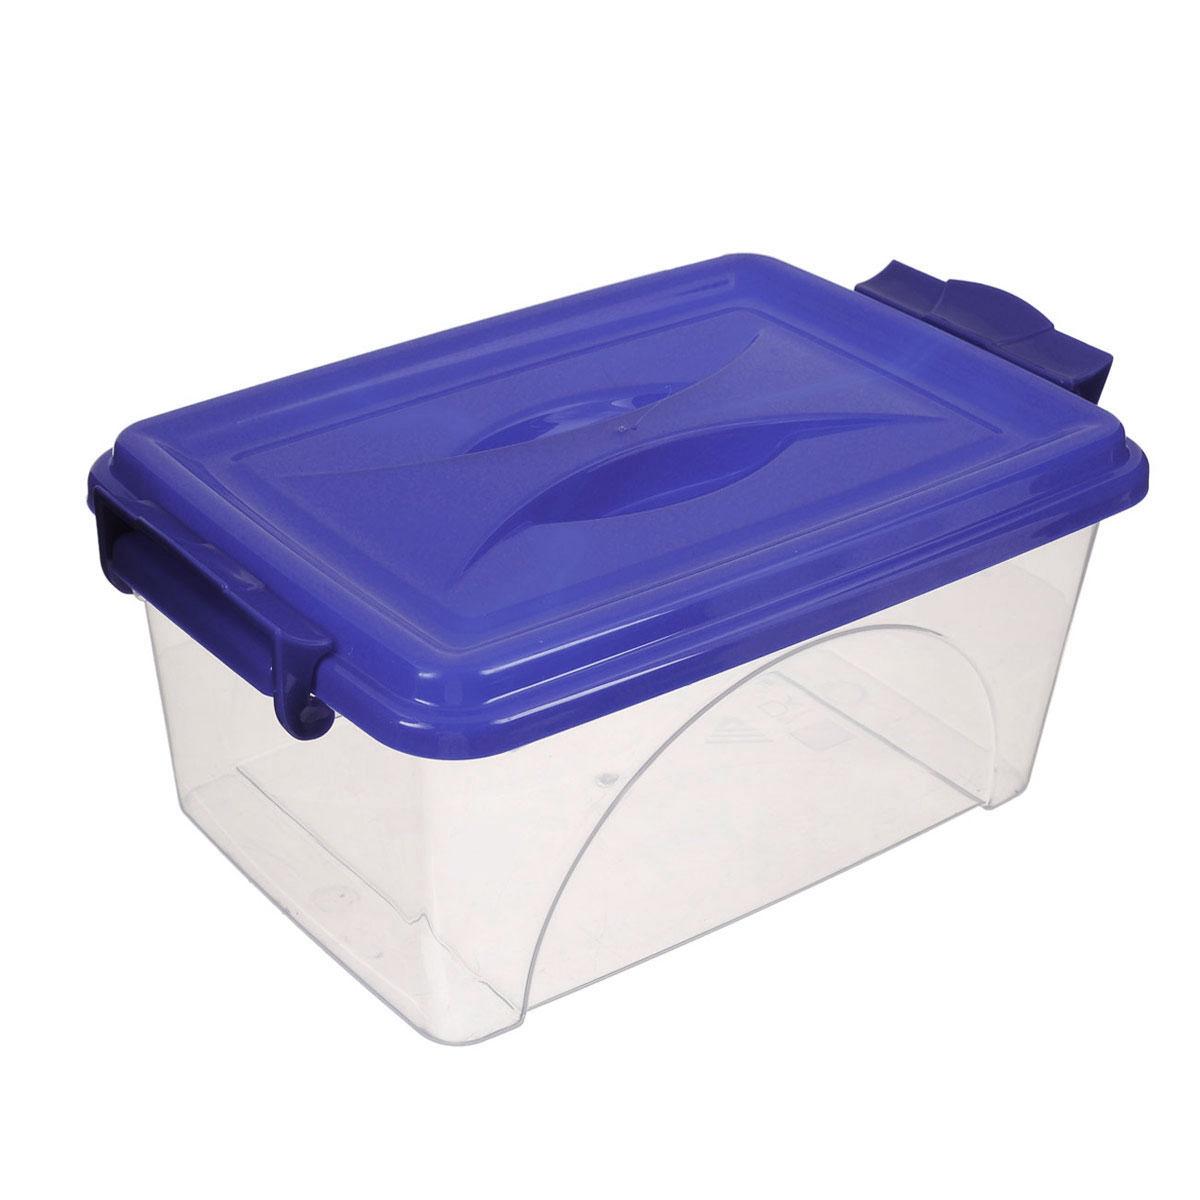 Контейнер Альтернатива, цвет: прозрачный, синий, 11,5 лМ425Контейнер Альтернатива выполнен из прочного пластика. Он предназначен для хранения различных мелких вещей. Крышка легко открывается и плотно закрывается. Прозрачные стенки позволяют видеть содержимое. По бокам предусмотрены две удобные ручки, с помощью которых контейнер закрывается. Контейнер поможет хранить все в одном месте, а также защитить вещи от пыли, грязи и влаги.